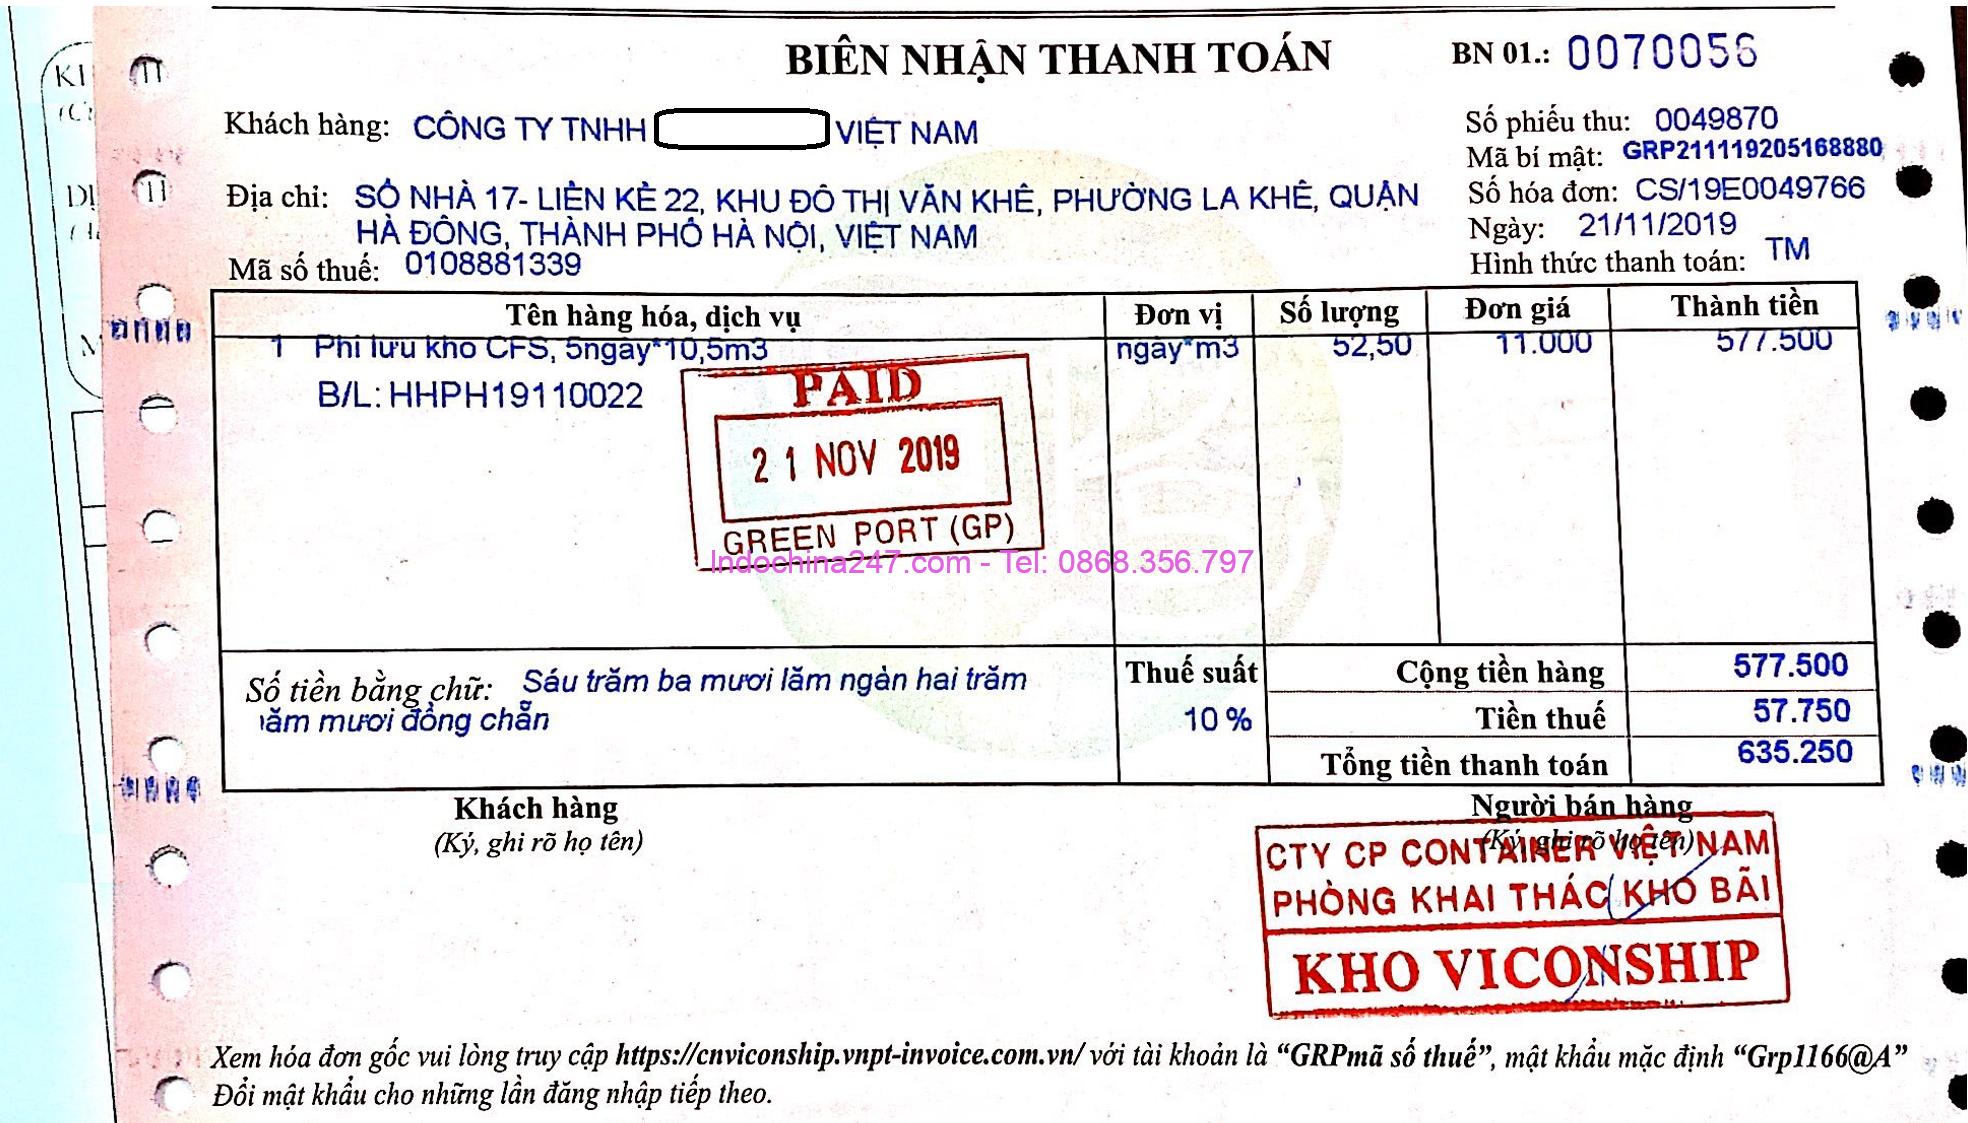 Biên lai thu phí lưu kho CFS hàng lẻ mỹ phẩm từ Hàn Quốc Indochina247.com